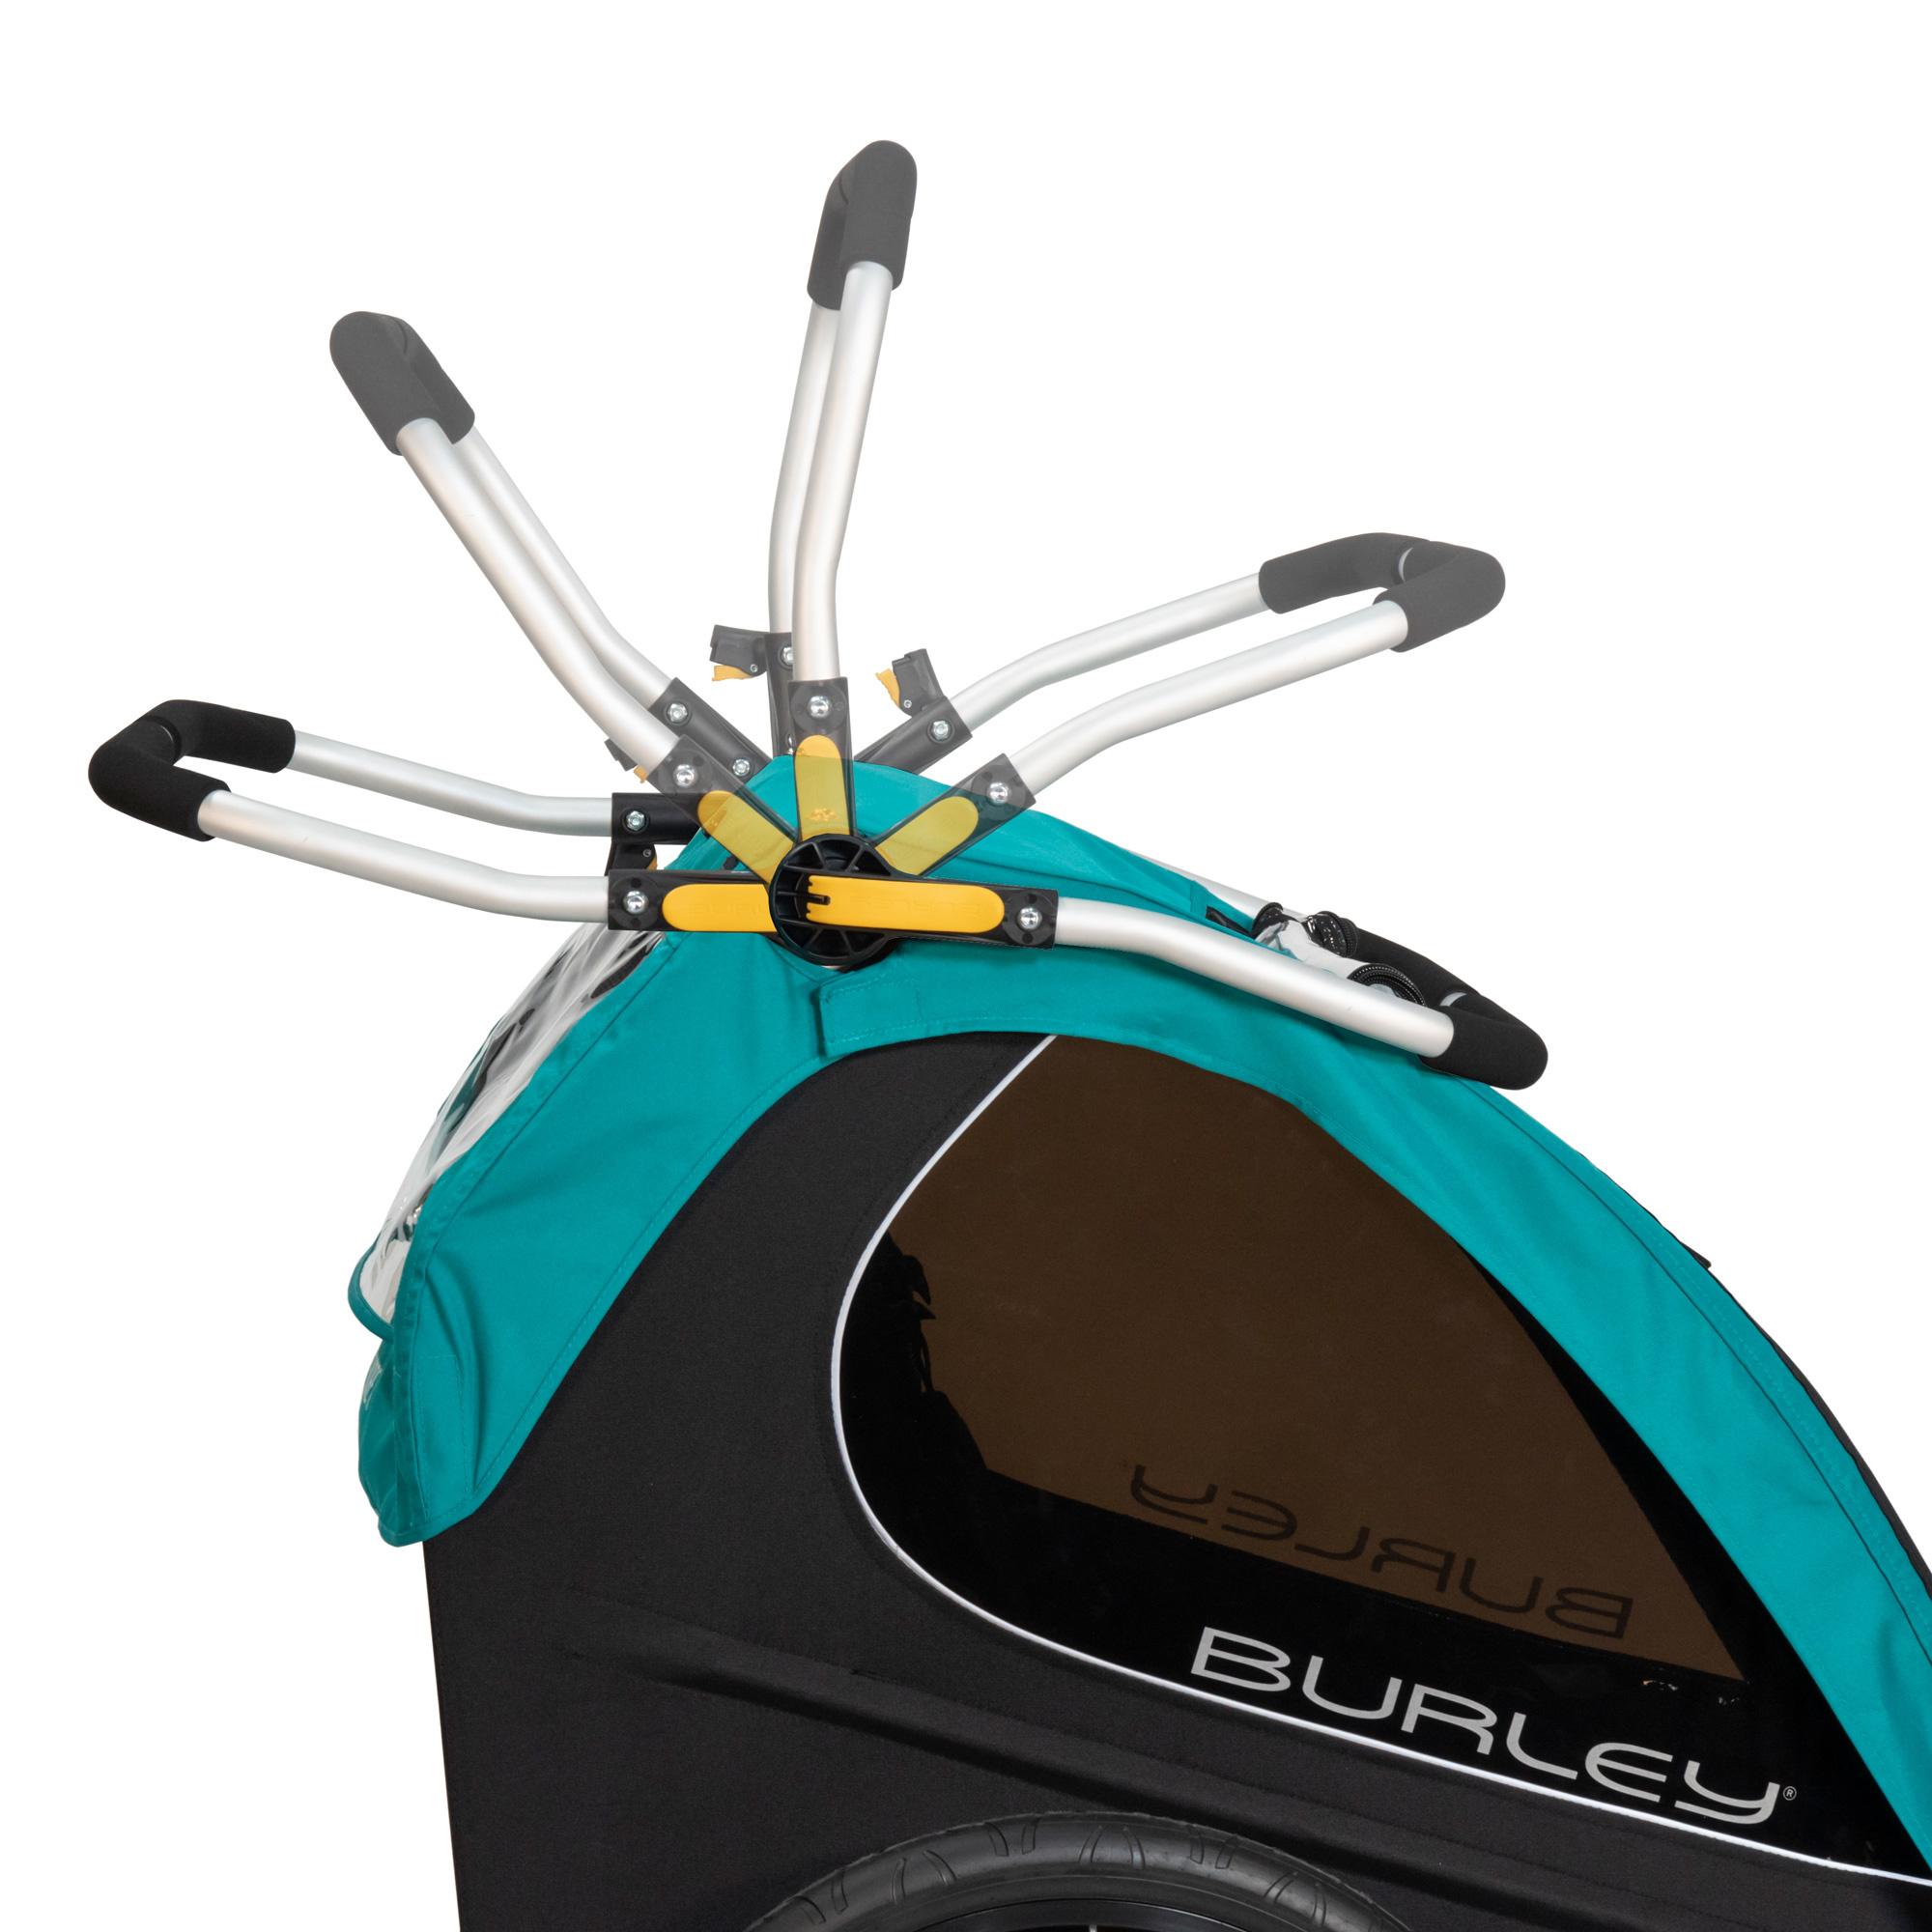 BURLEY Encore X ,Turqoise-5